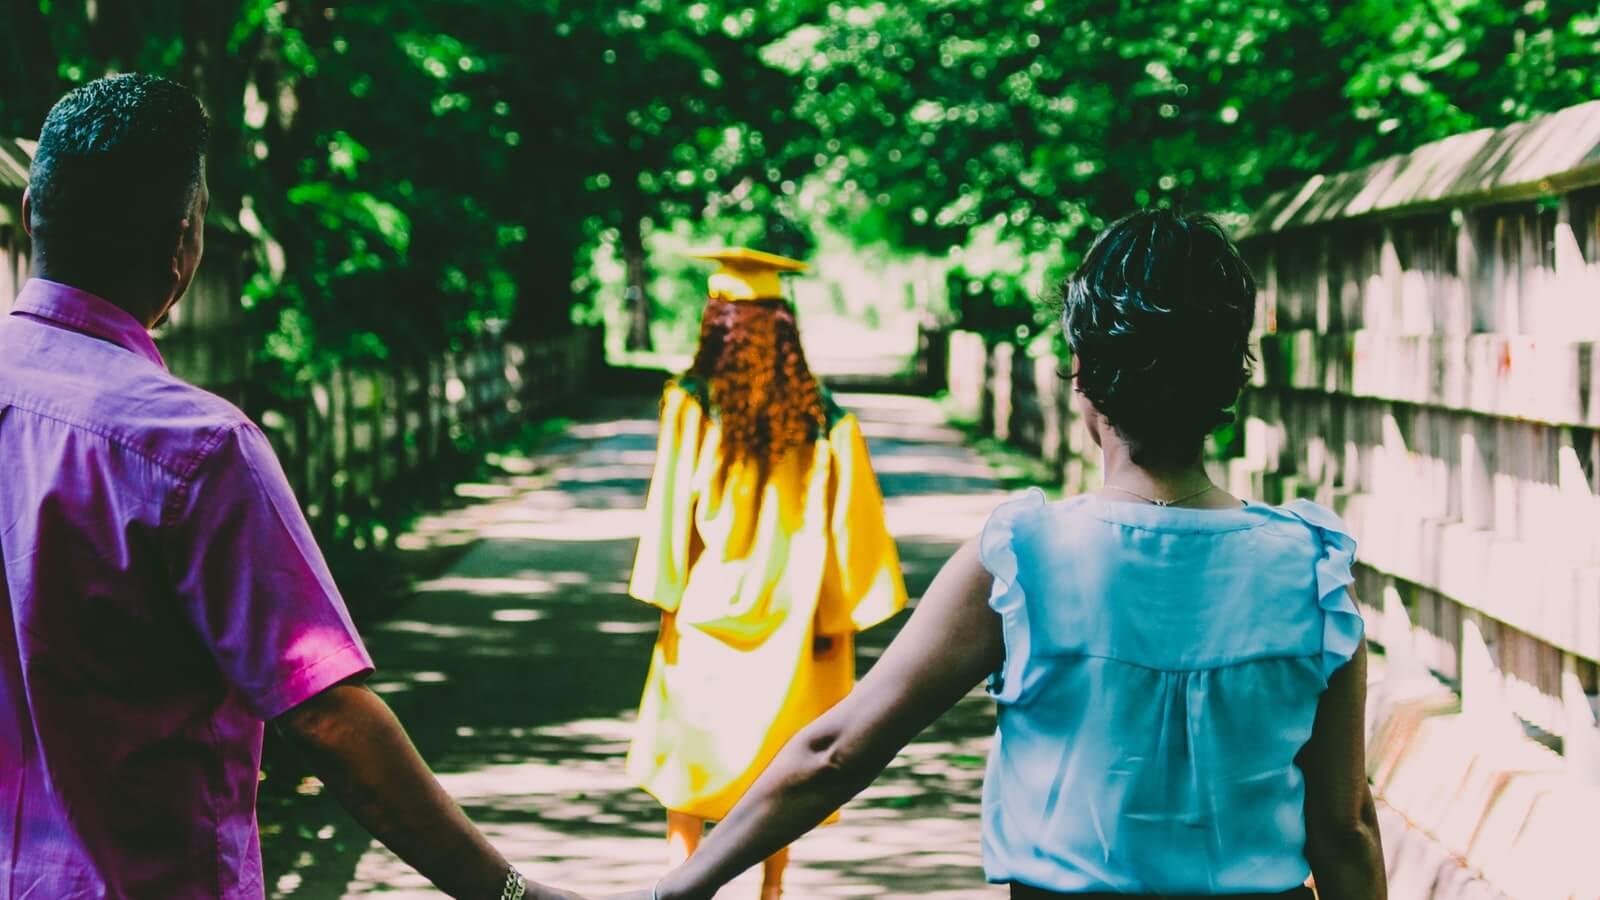 Ailenizi İstediğiniz Üniversite Veya Bölüme İkna Edebilmek İçin 5 Yol